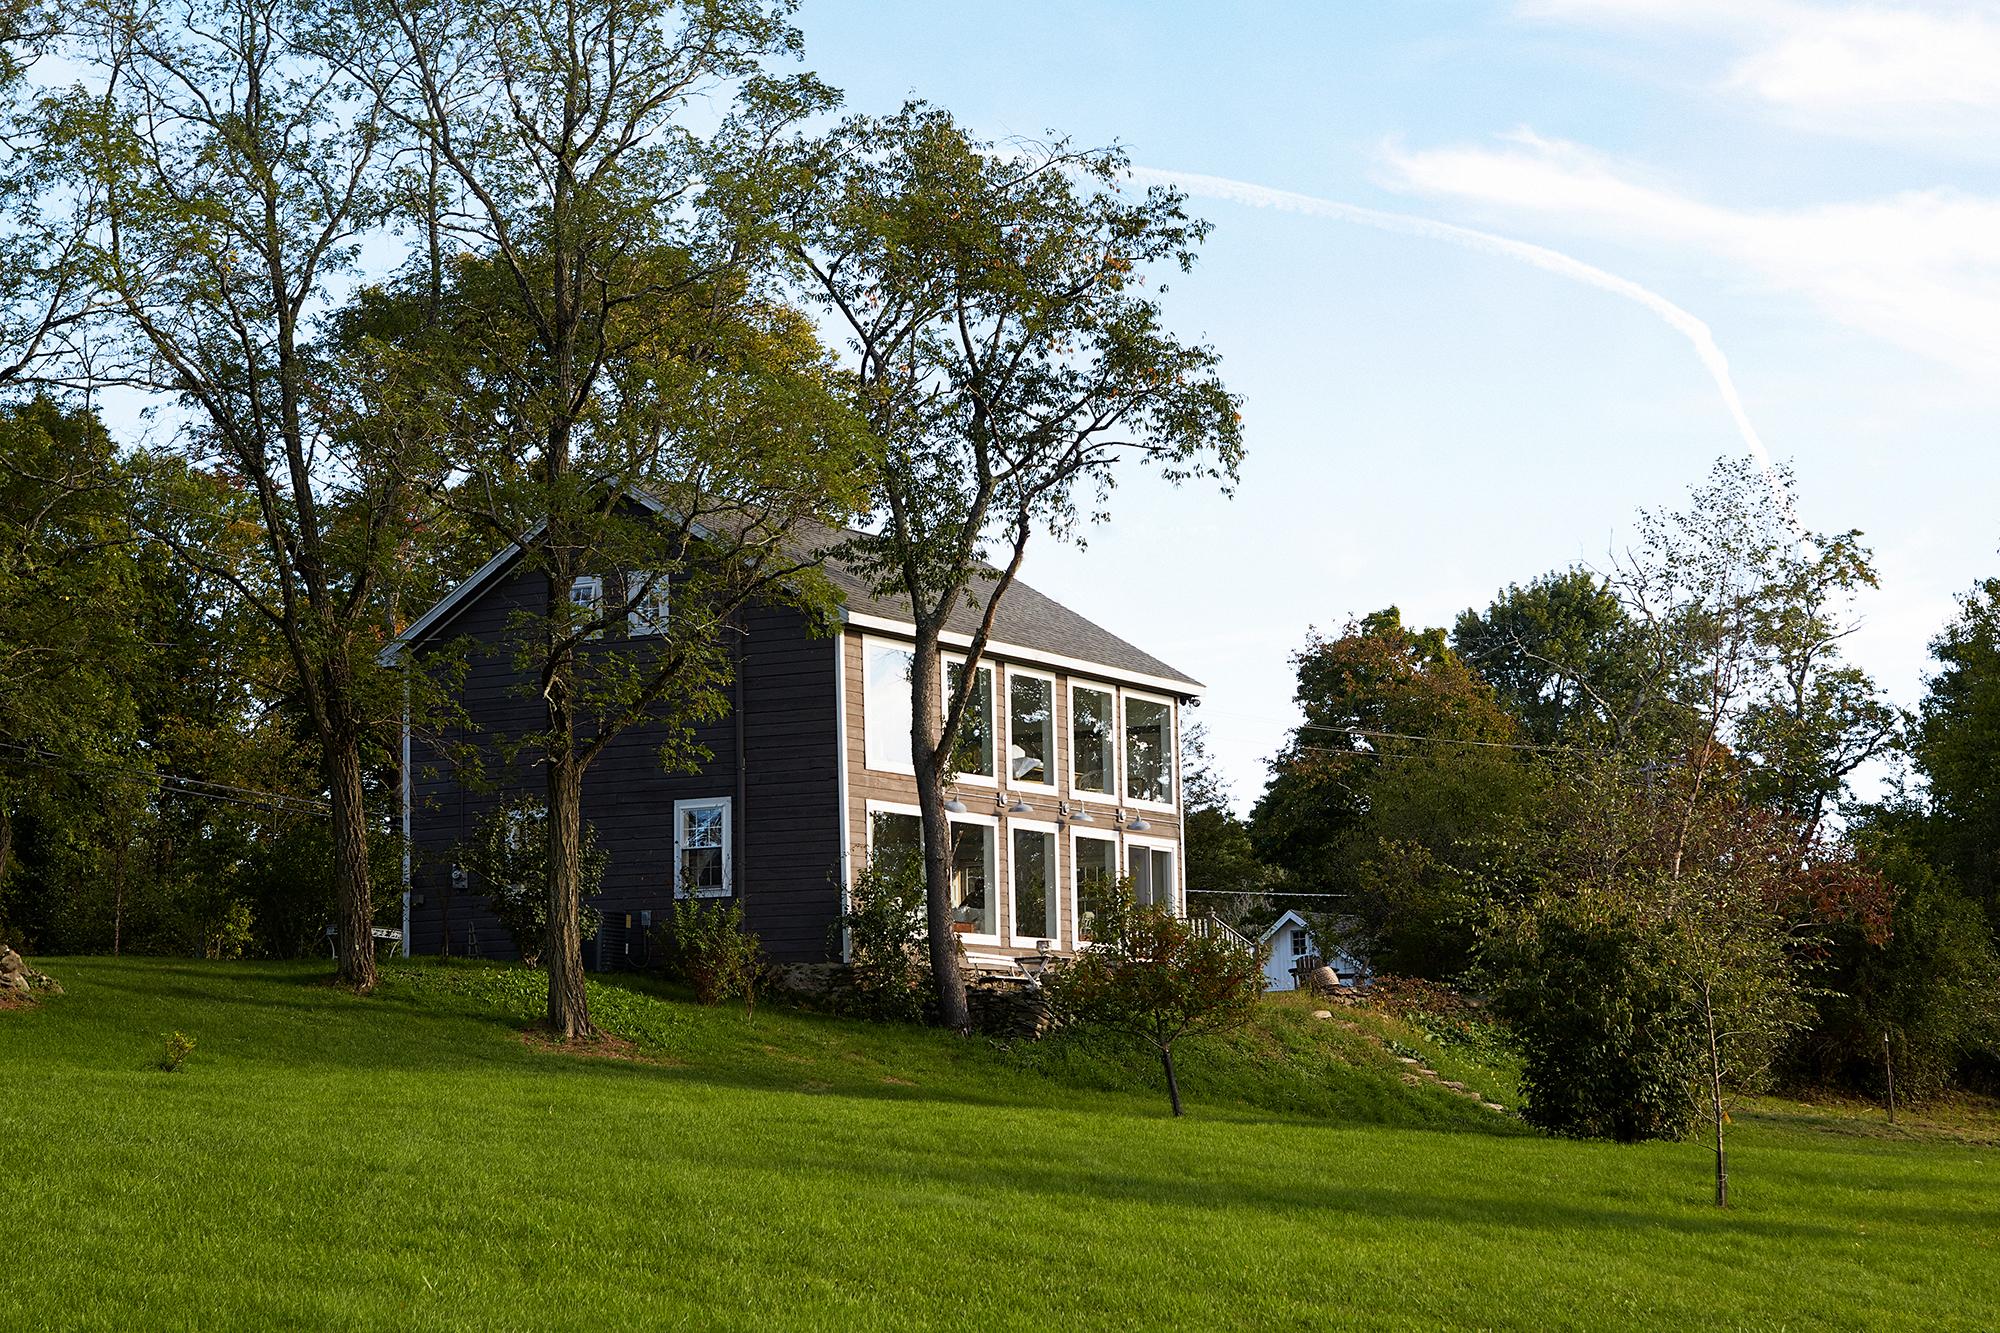 Guns dröm om ett gästhus började med en önskan att rädda den gamla ladan som höll på att kollapsa.